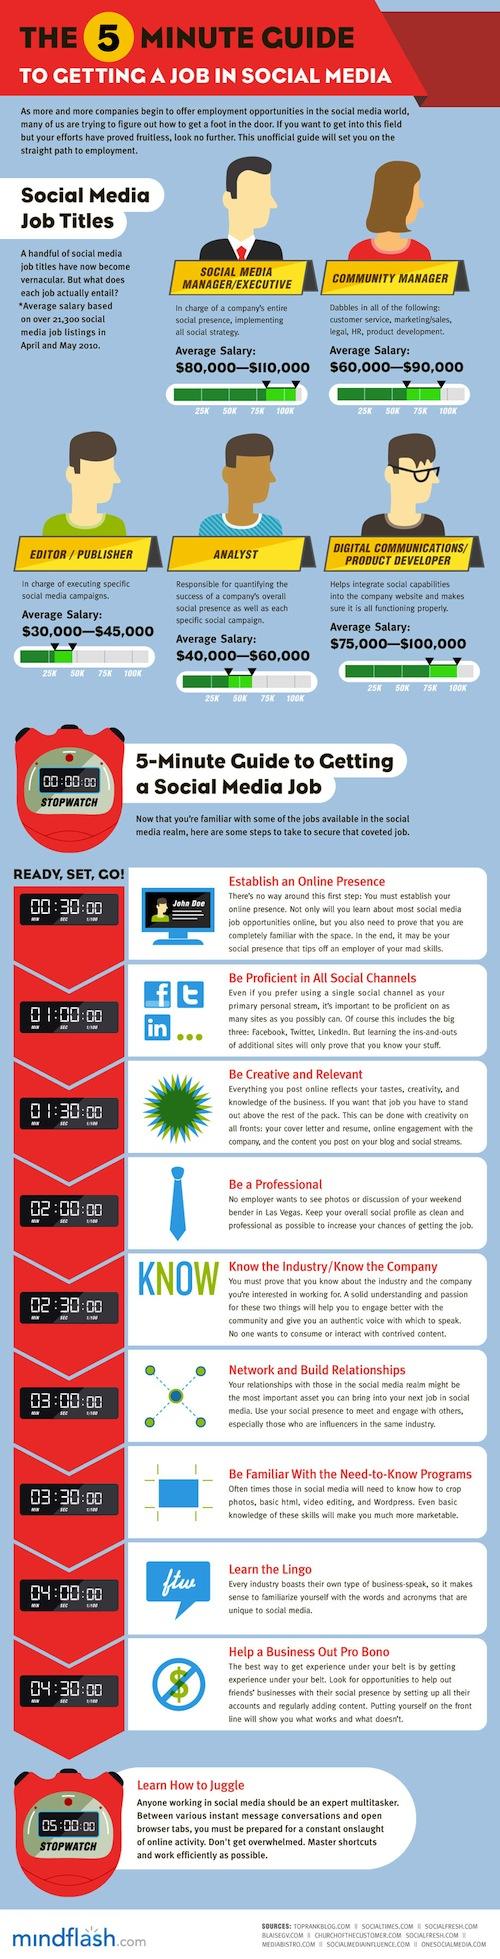 Social media C5 Como obtener un trabajo en Social Media en 5 minutos [Infografía]